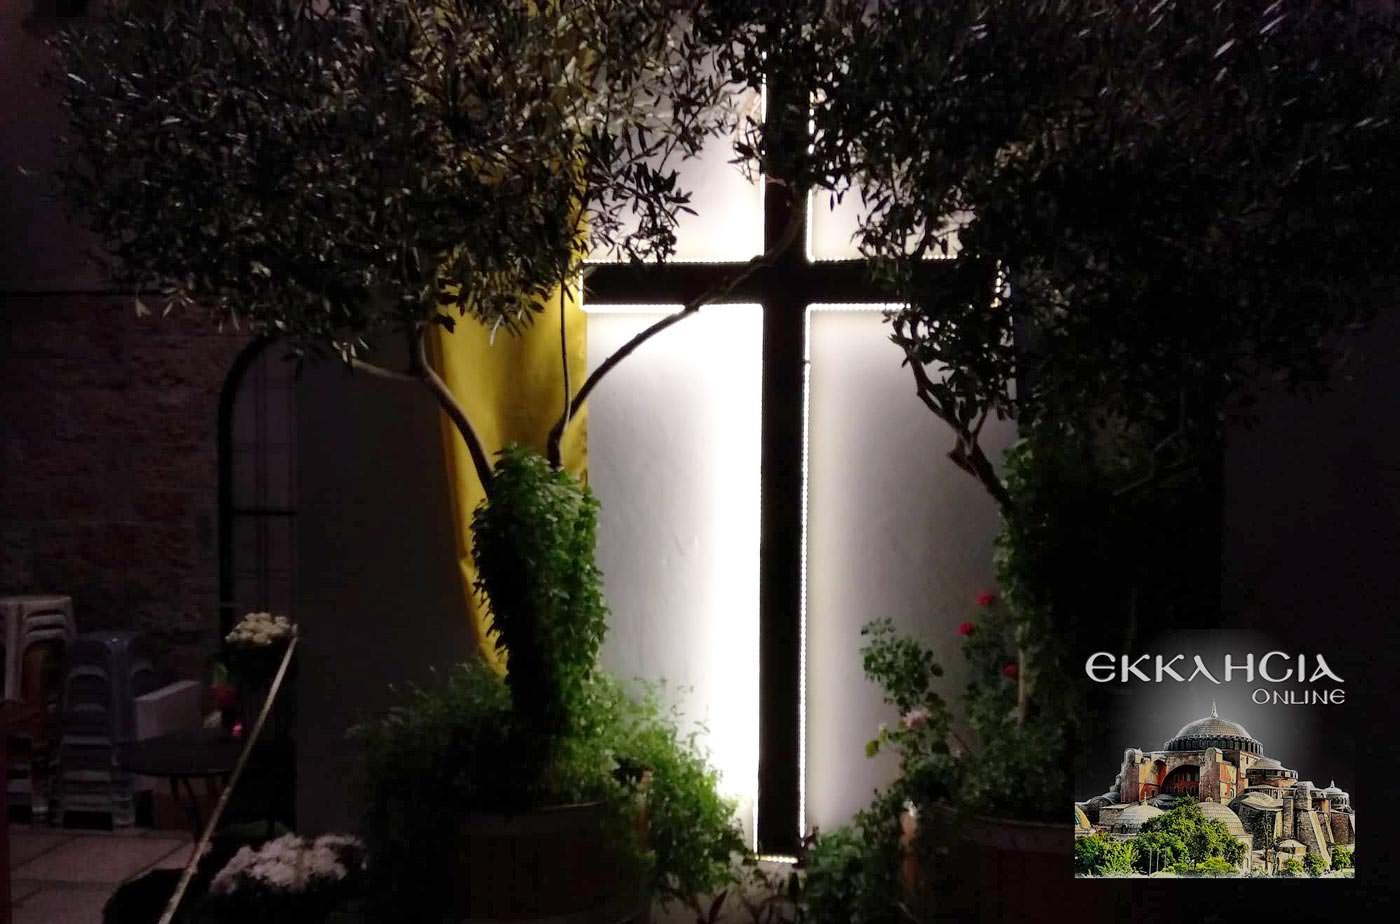 Ιερός Ναός Αγίων Ισιδώρων 2019